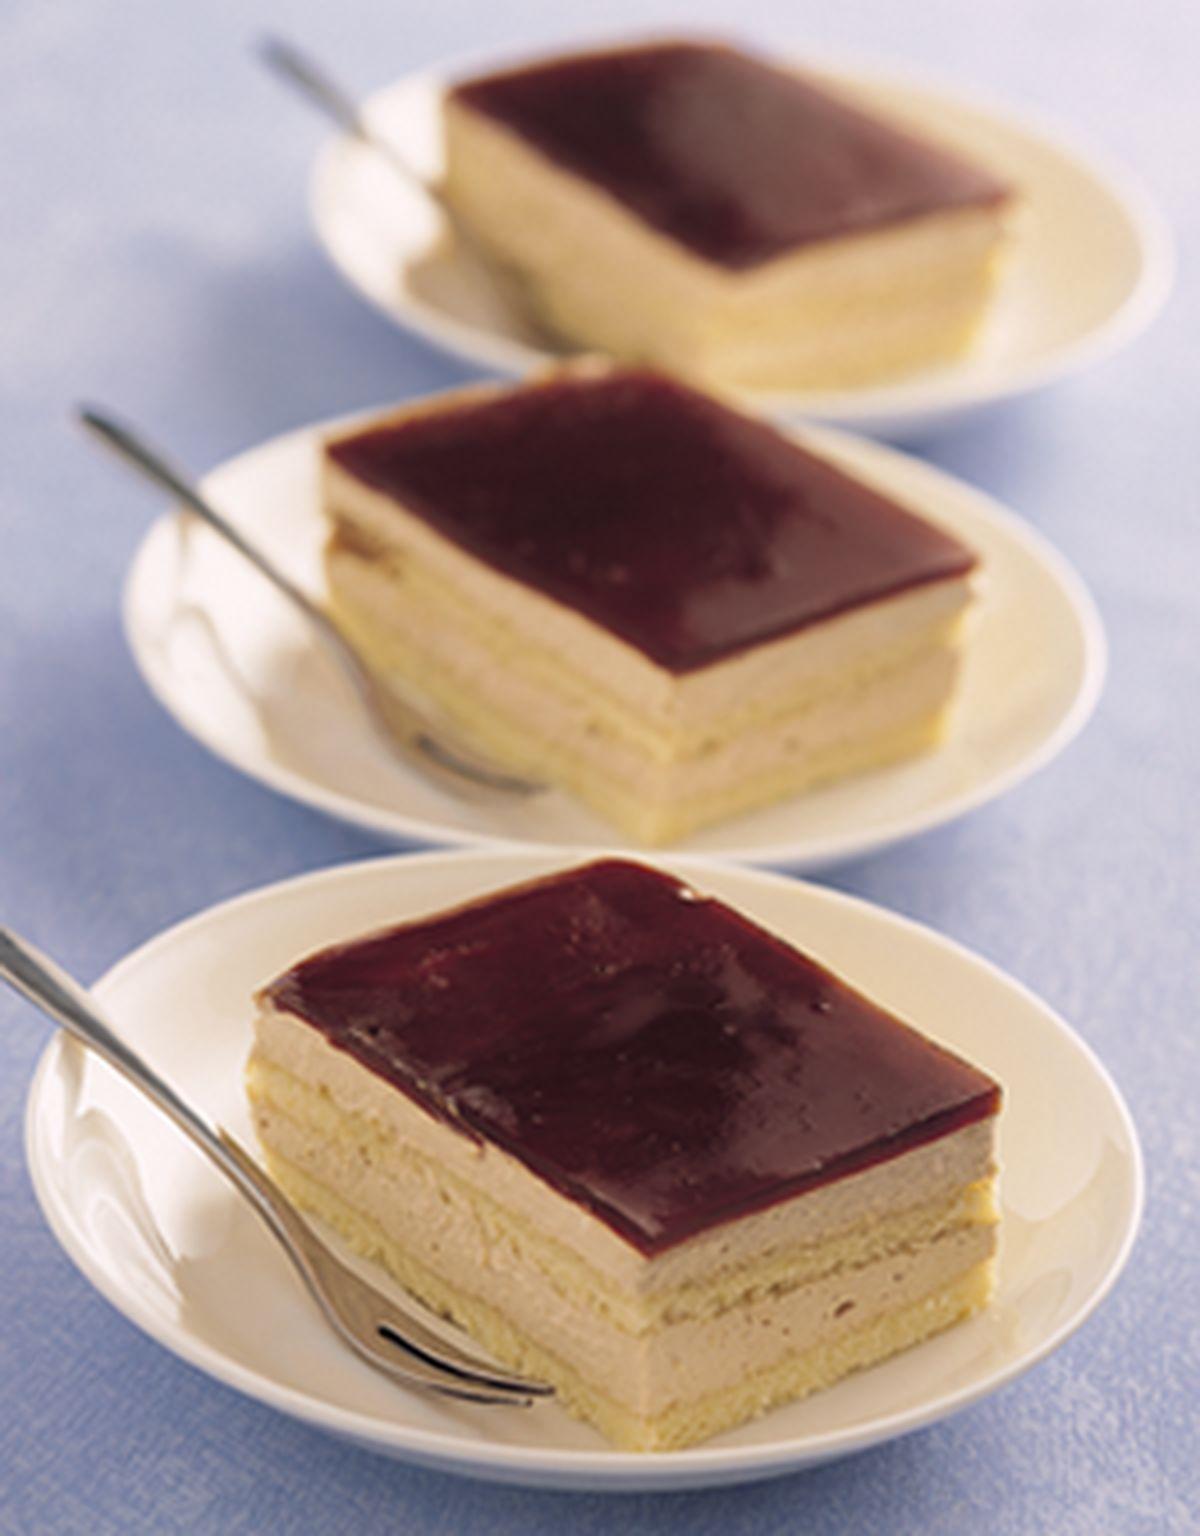 食譜:卡布奇諾蛋糕